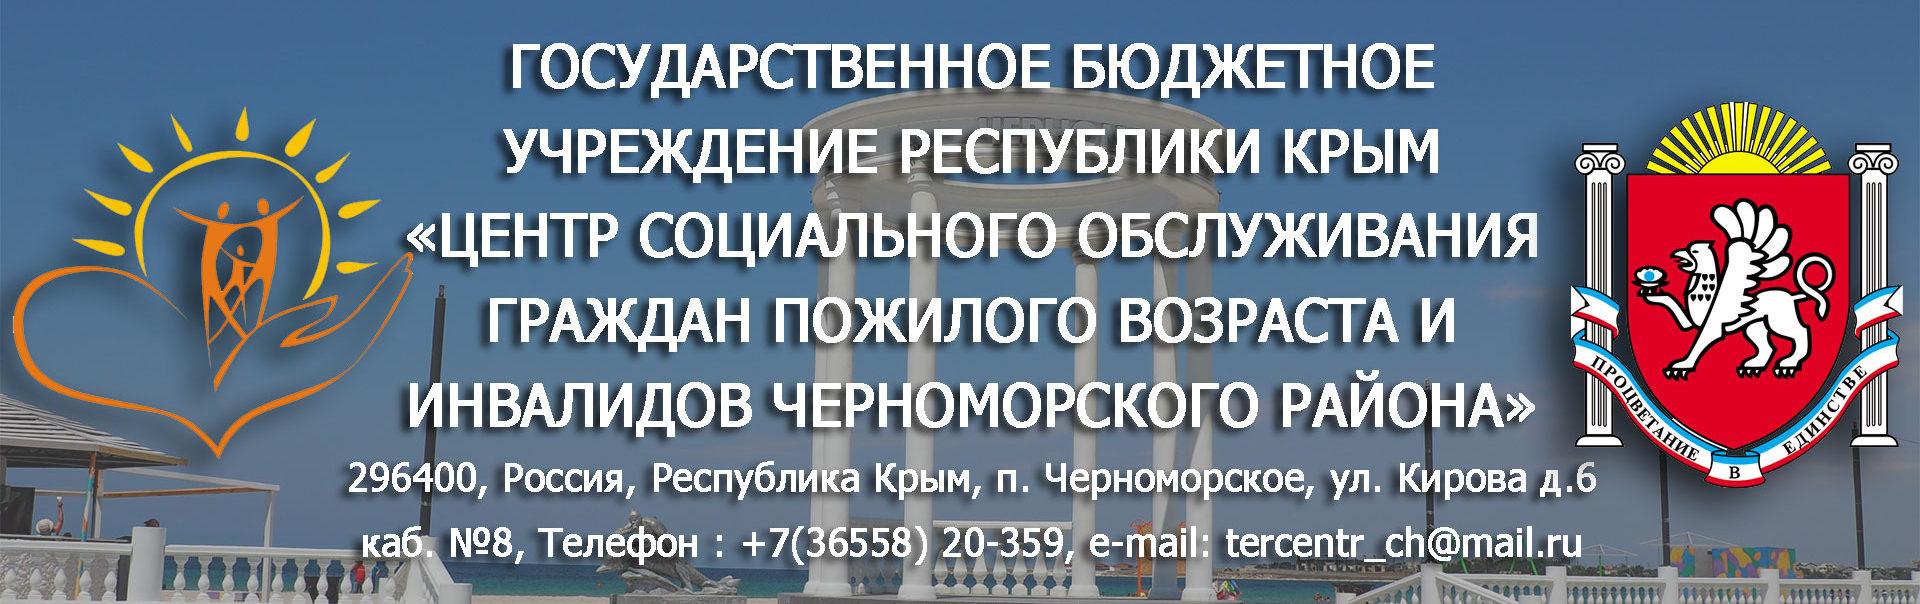 ЦСО Черноморского района